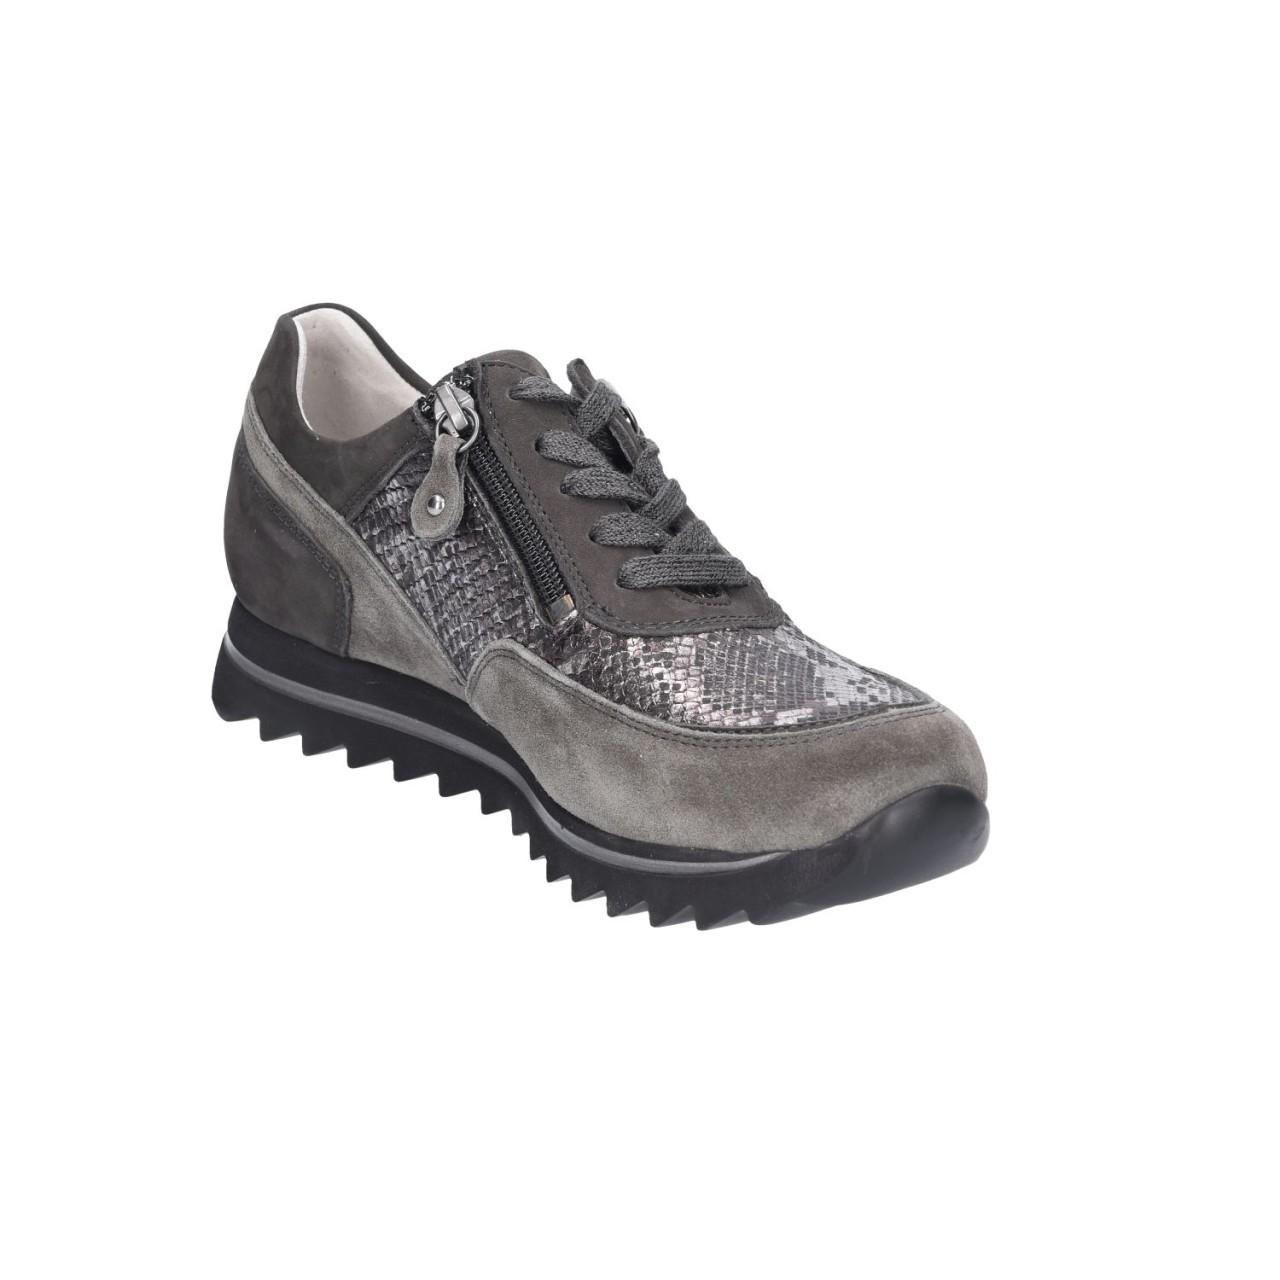 Waldläufer Sneaker Frauen 923011-318/338 338 grau eh53Zx